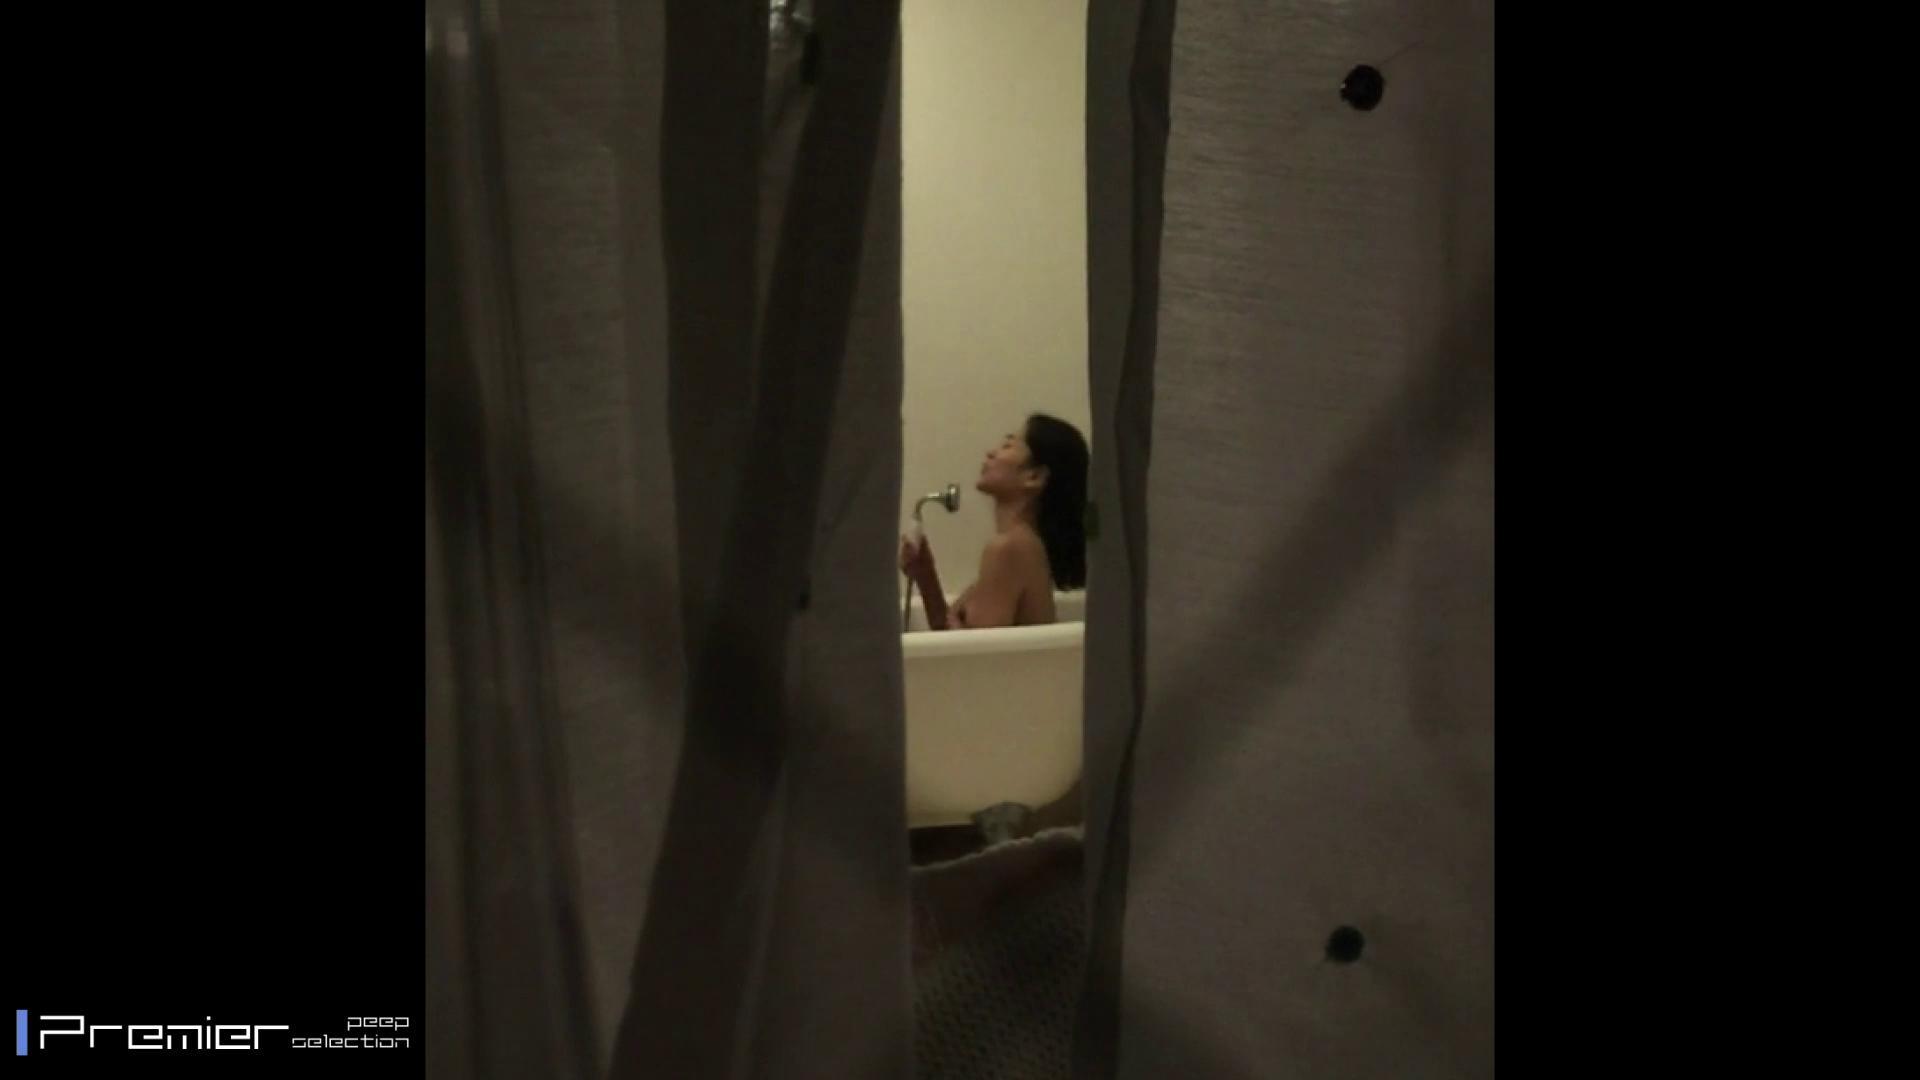 美女達の私生活に潜入!現役美人モデルの入浴シーン 美人コレクション | 入浴シーン  48連発 11